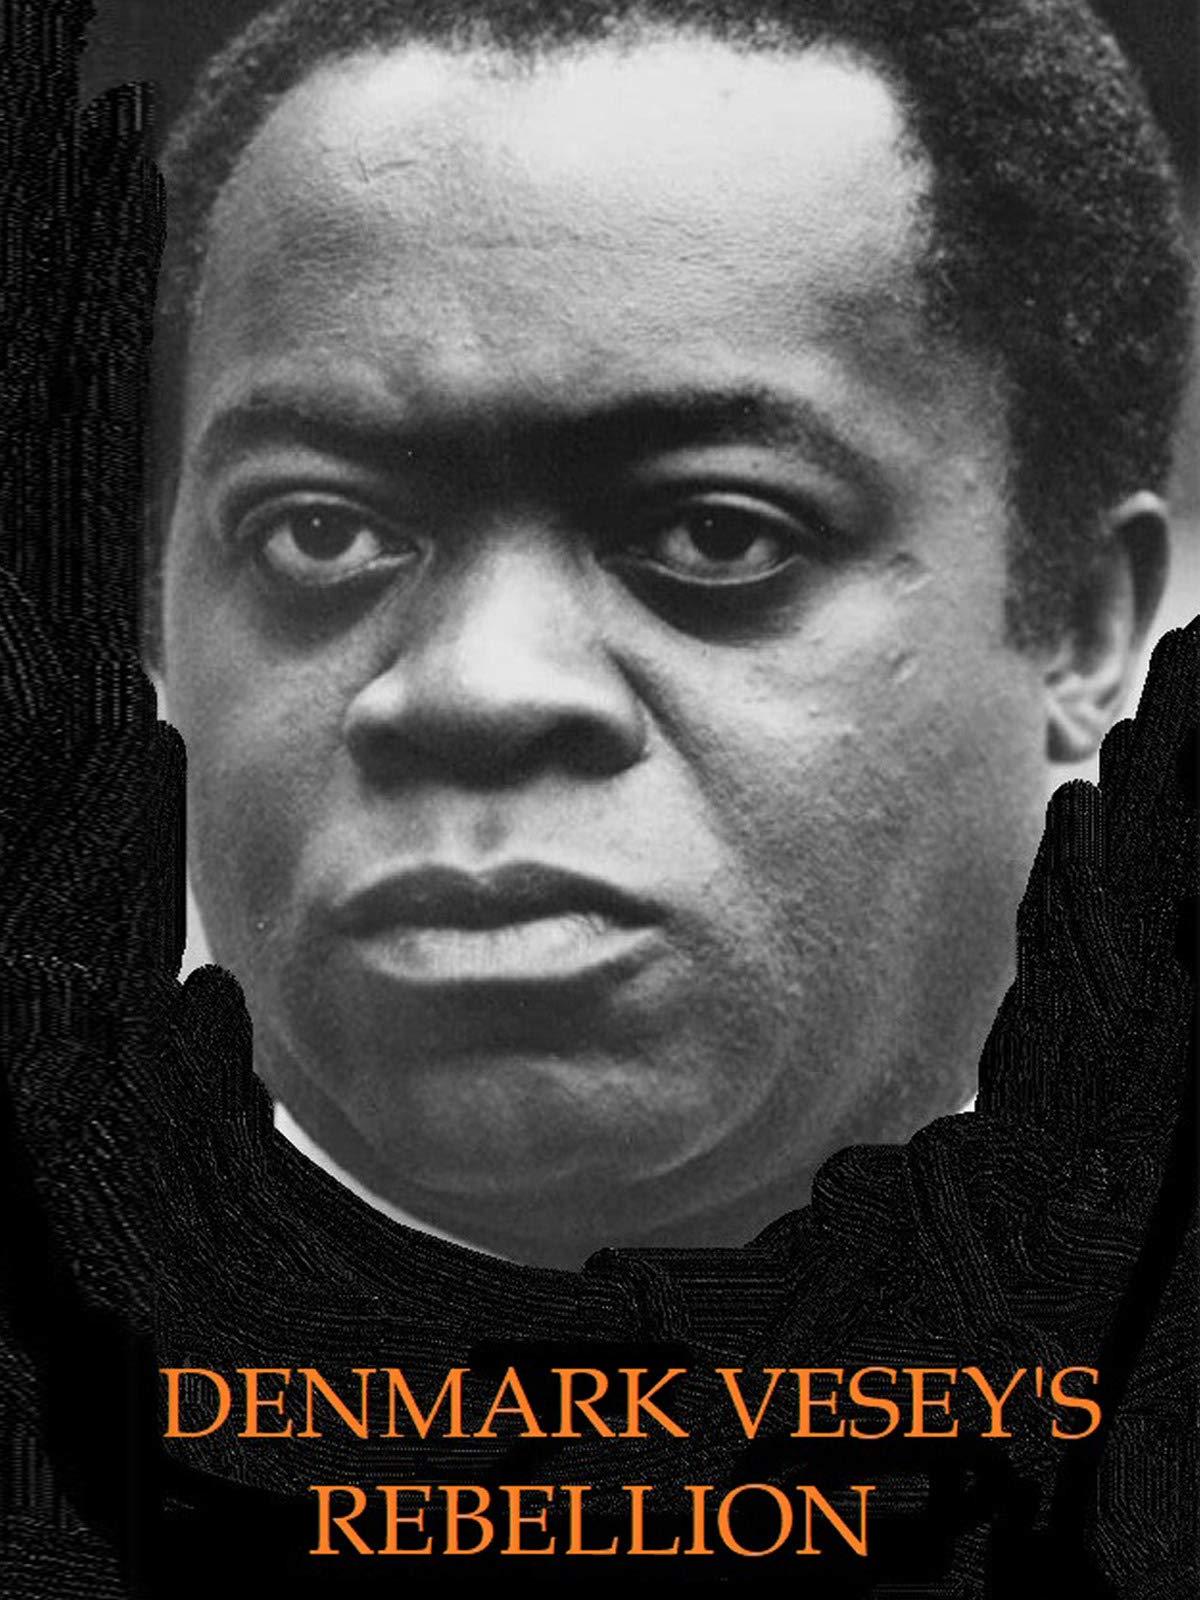 Denmark Vesey's Rebellion